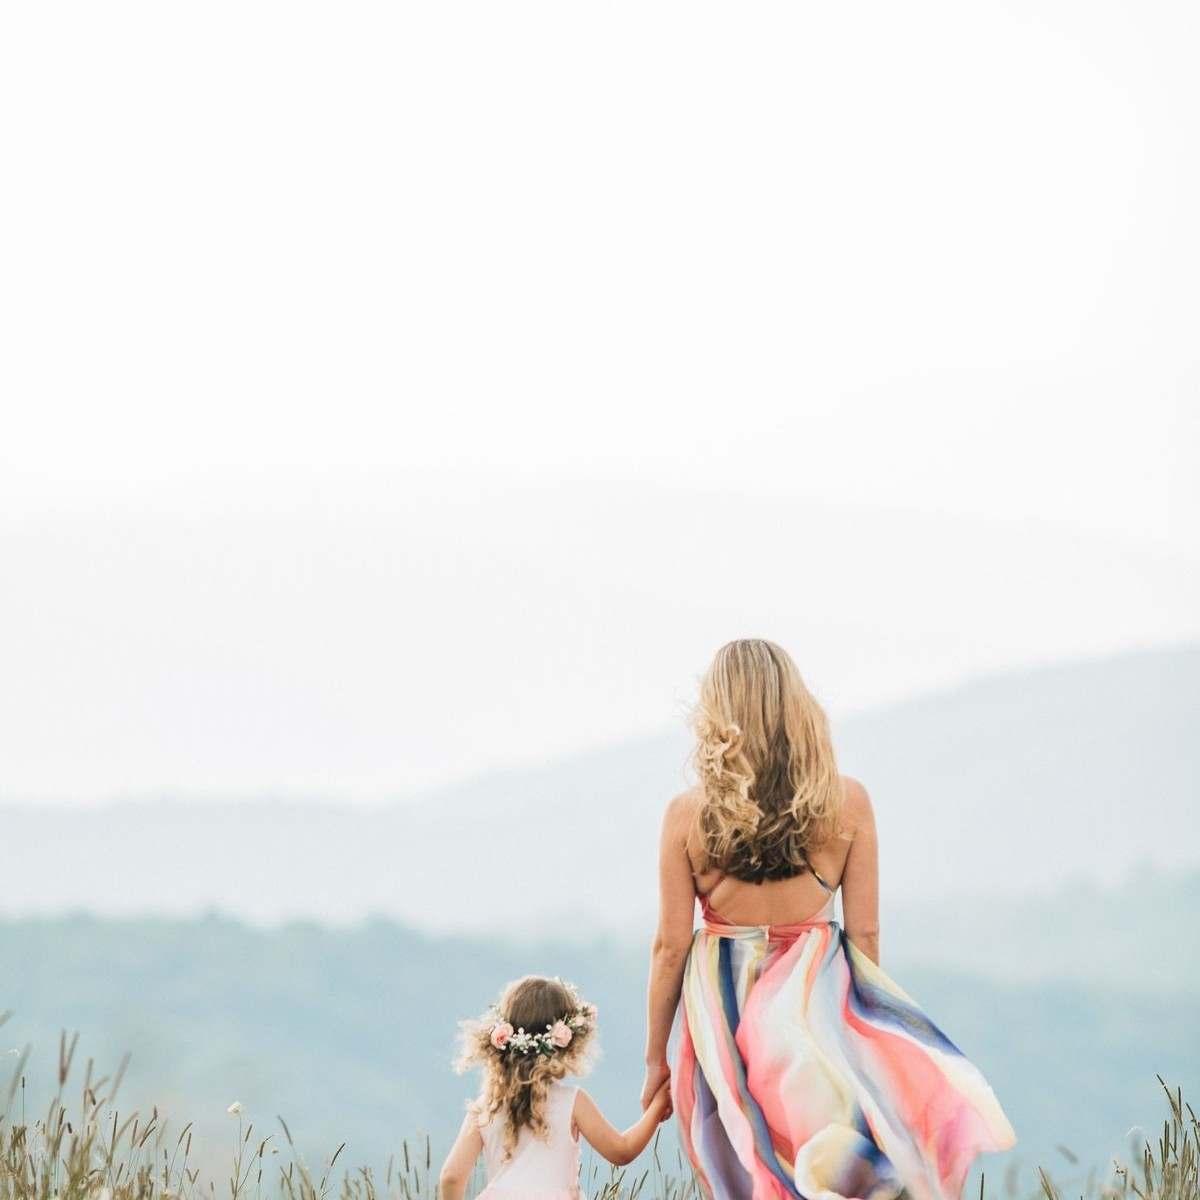 जो देखने गई खुदा को तो माँ की सूरत नज़र आईं माँ वो